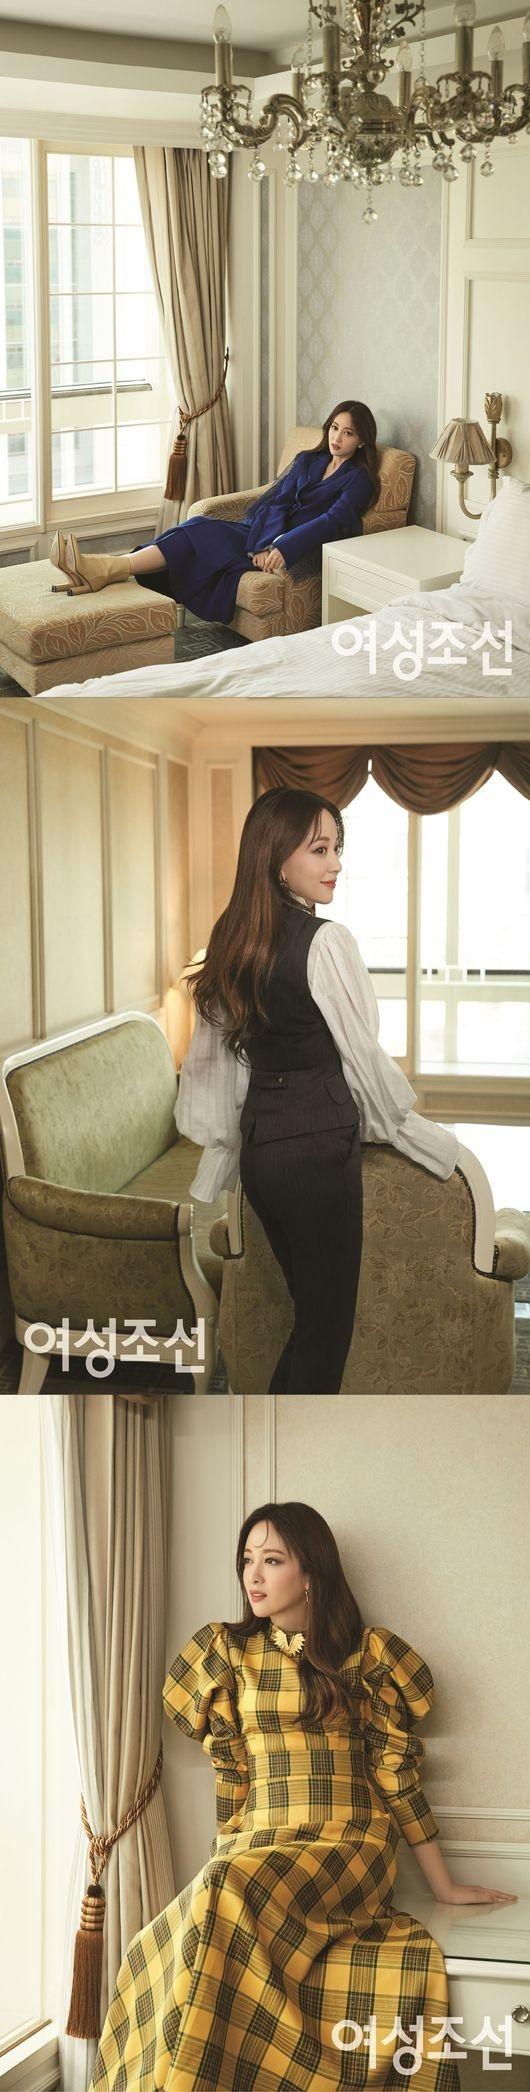 李世恩穿搭完美 公开充满魅力的写真集